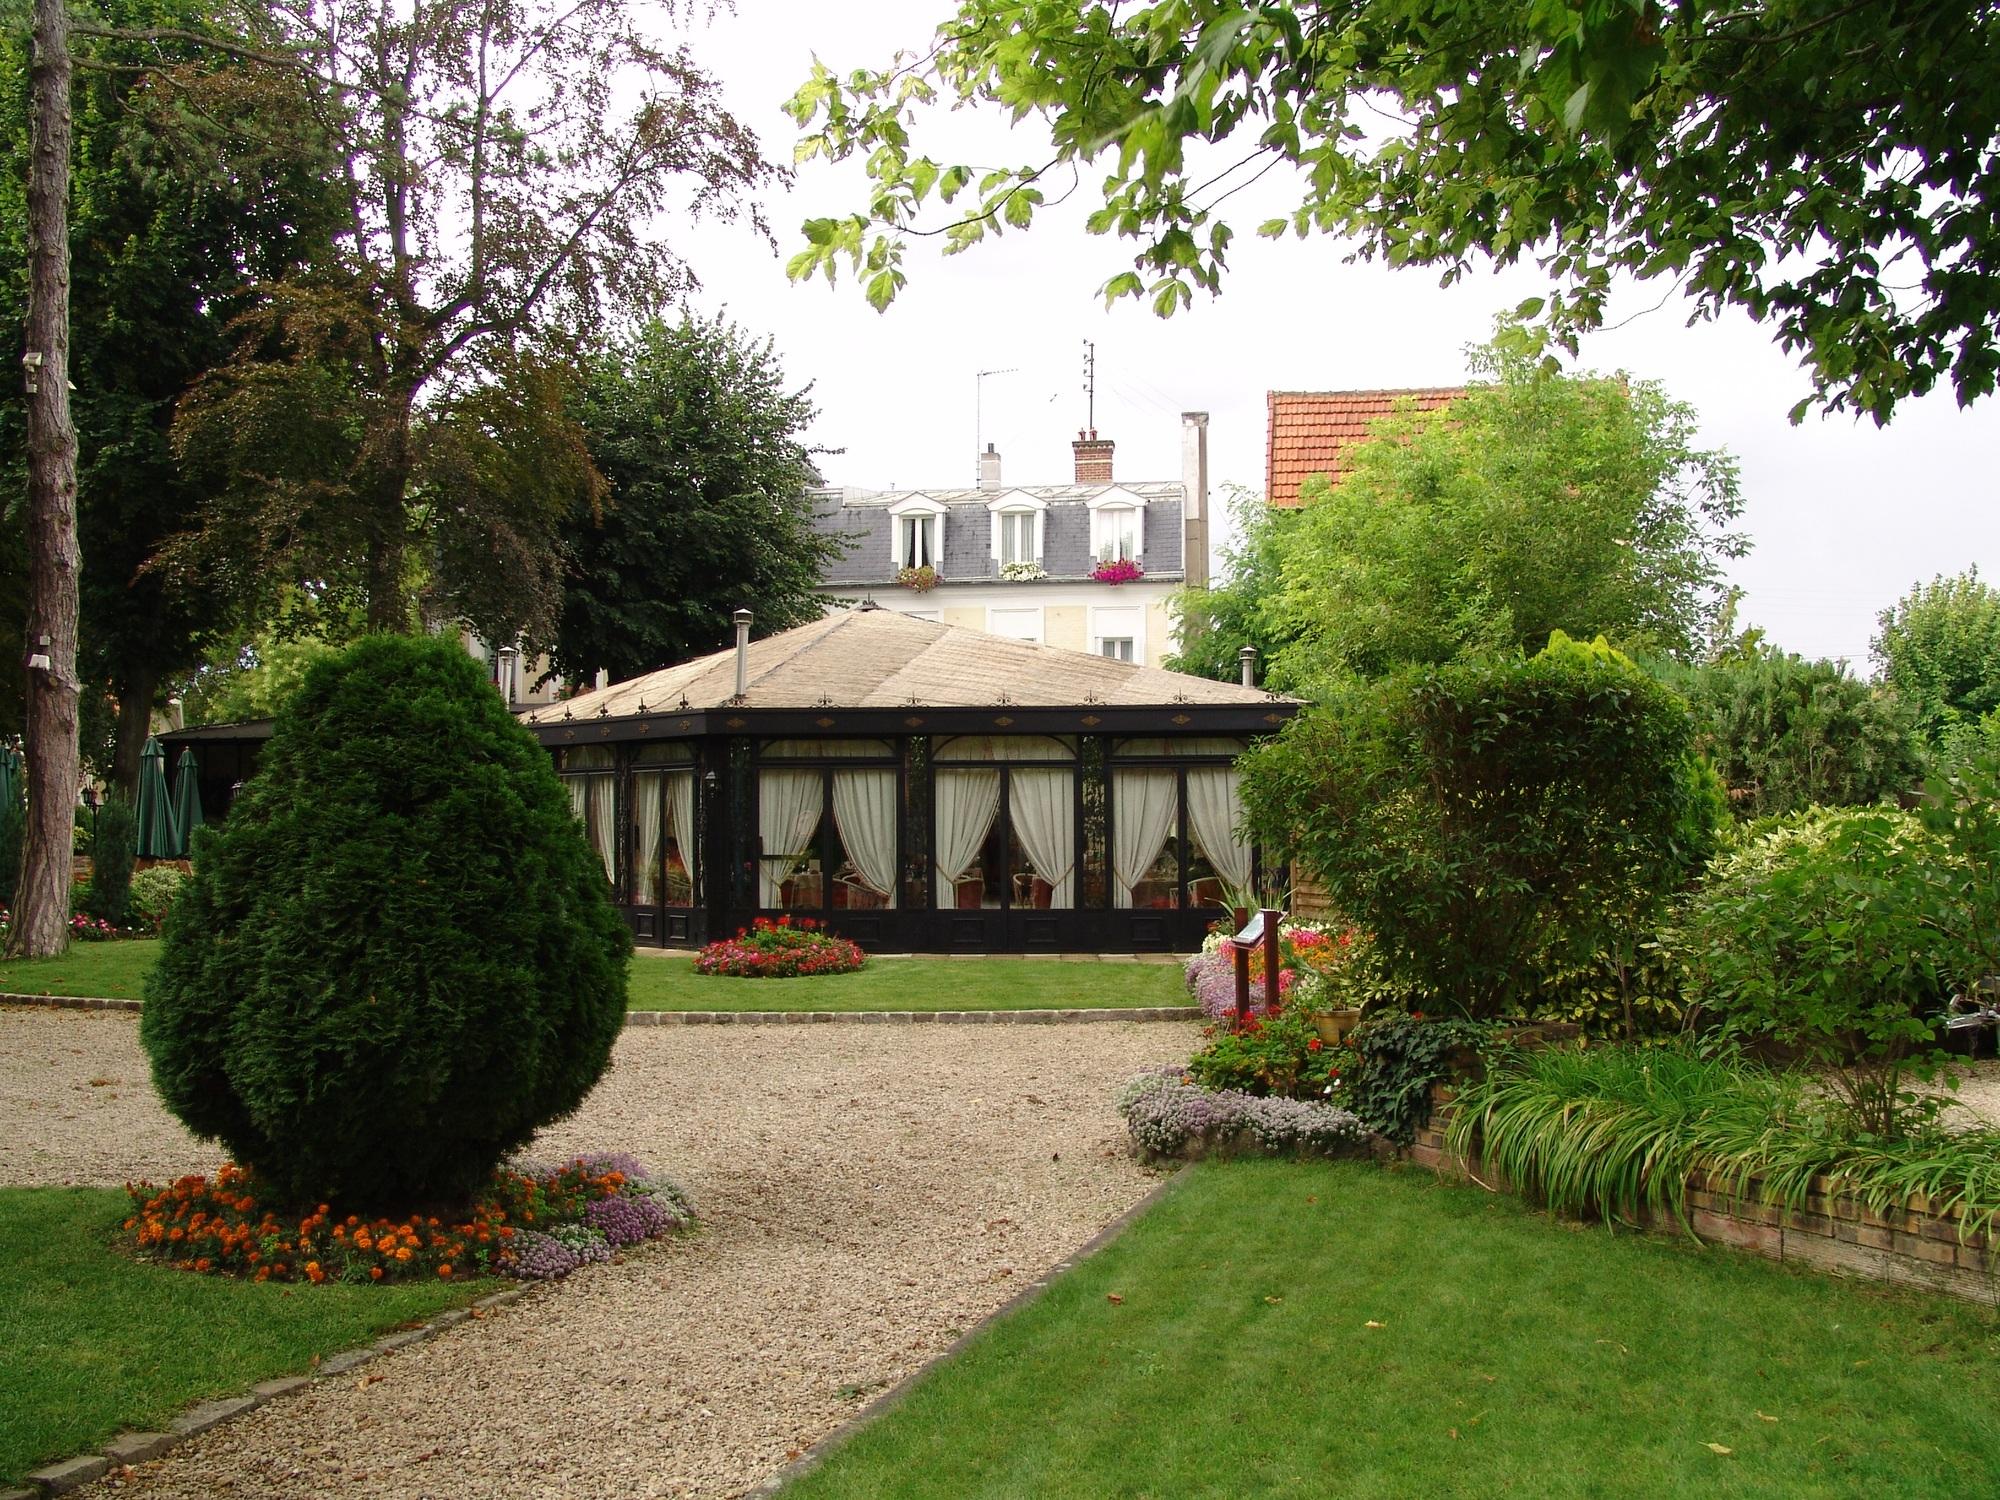 Chateau-des-iles3-04